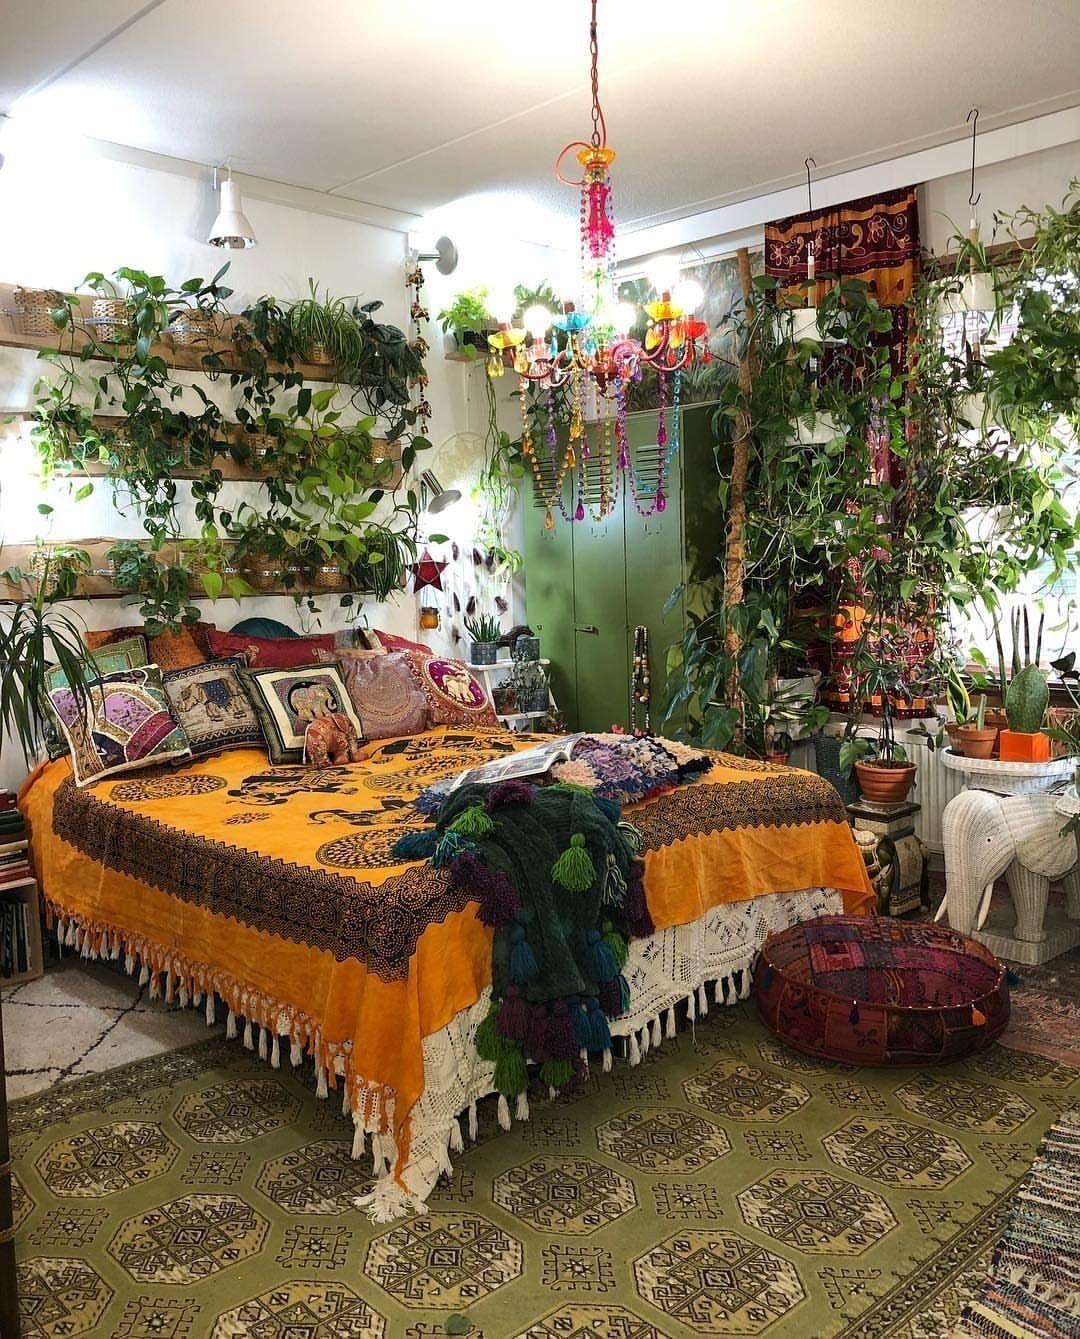 pinbee jones on home in 2020  bohemian bedroom design